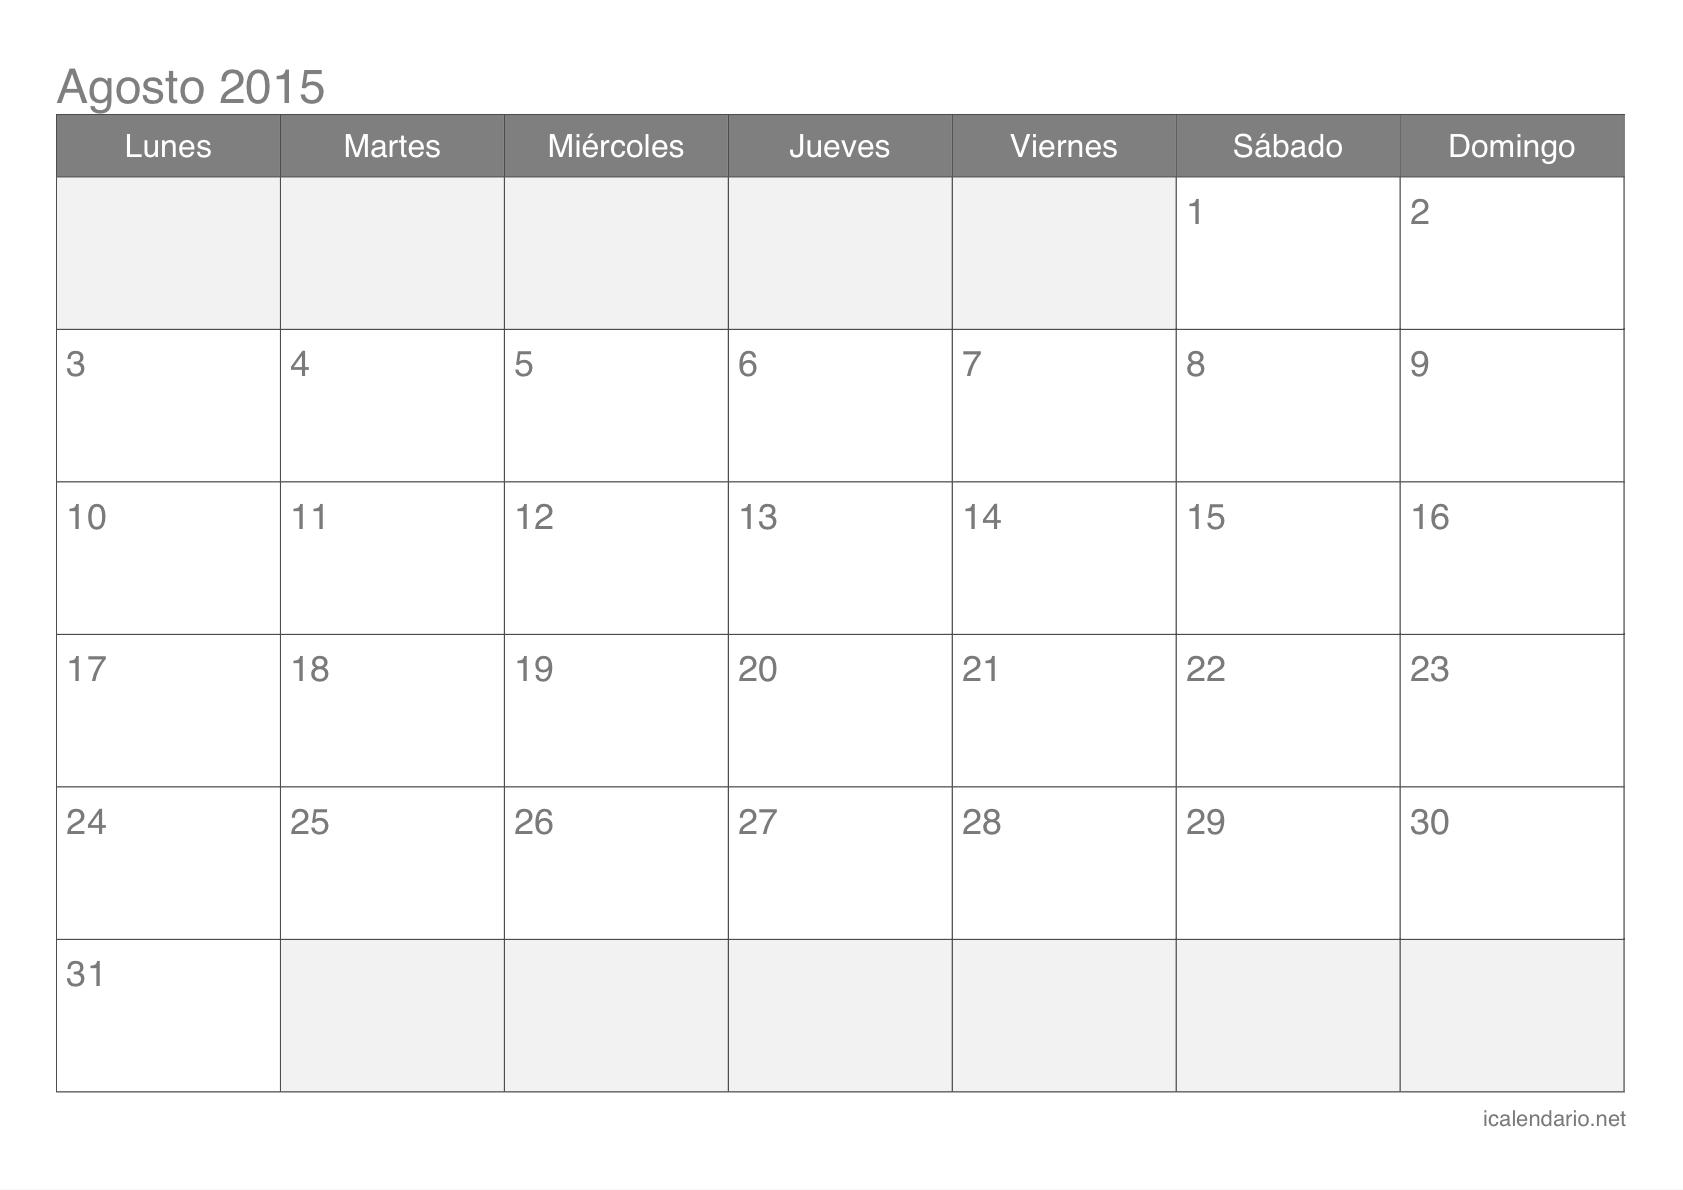 Calendario Agosto 2015 Para Imprimir - Icalendario intended for Calendario 2015 Para Imprimir Pdf